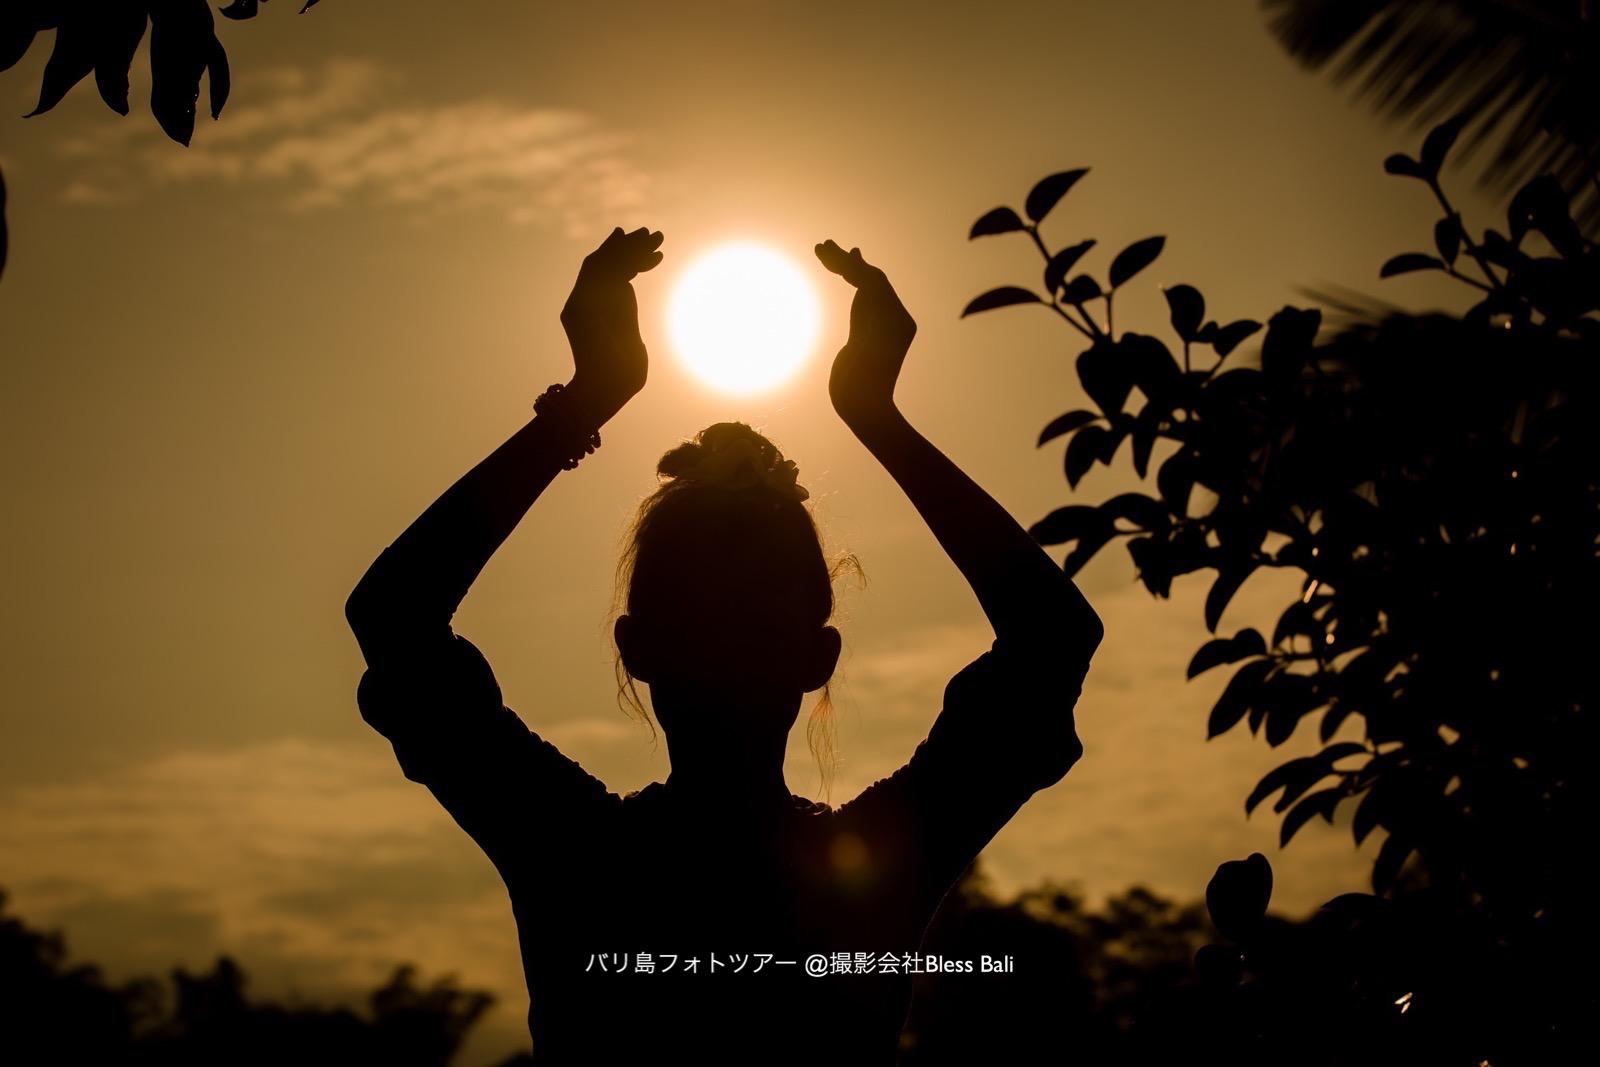 サンセットの太陽を手で包んだ幻想的なショット